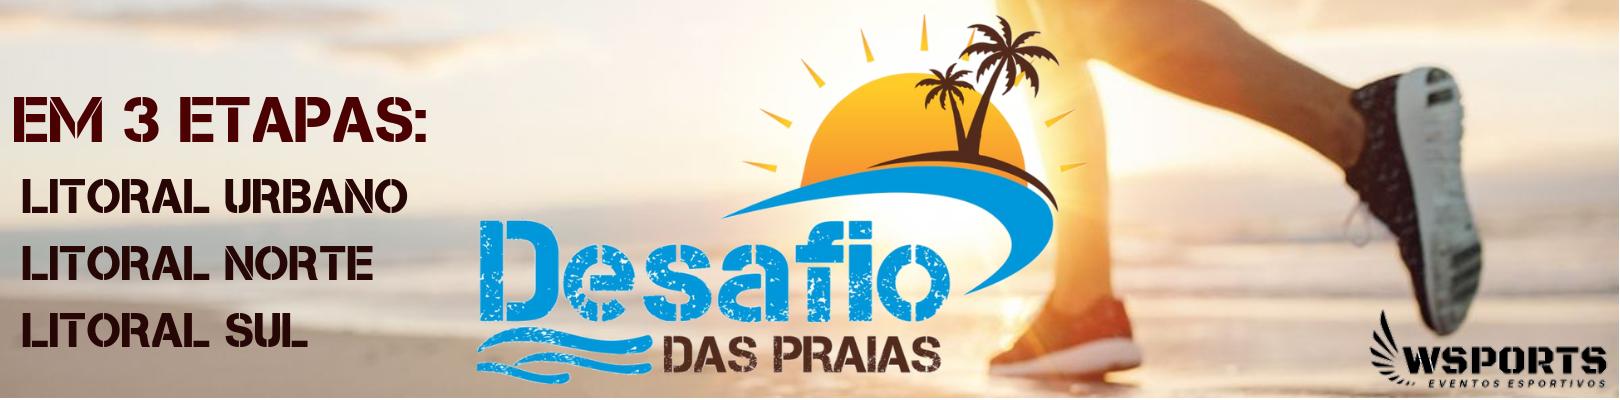 DESAFIO DAS PRAIAS - SEGUNDA ETAPA LITORAL NORTE